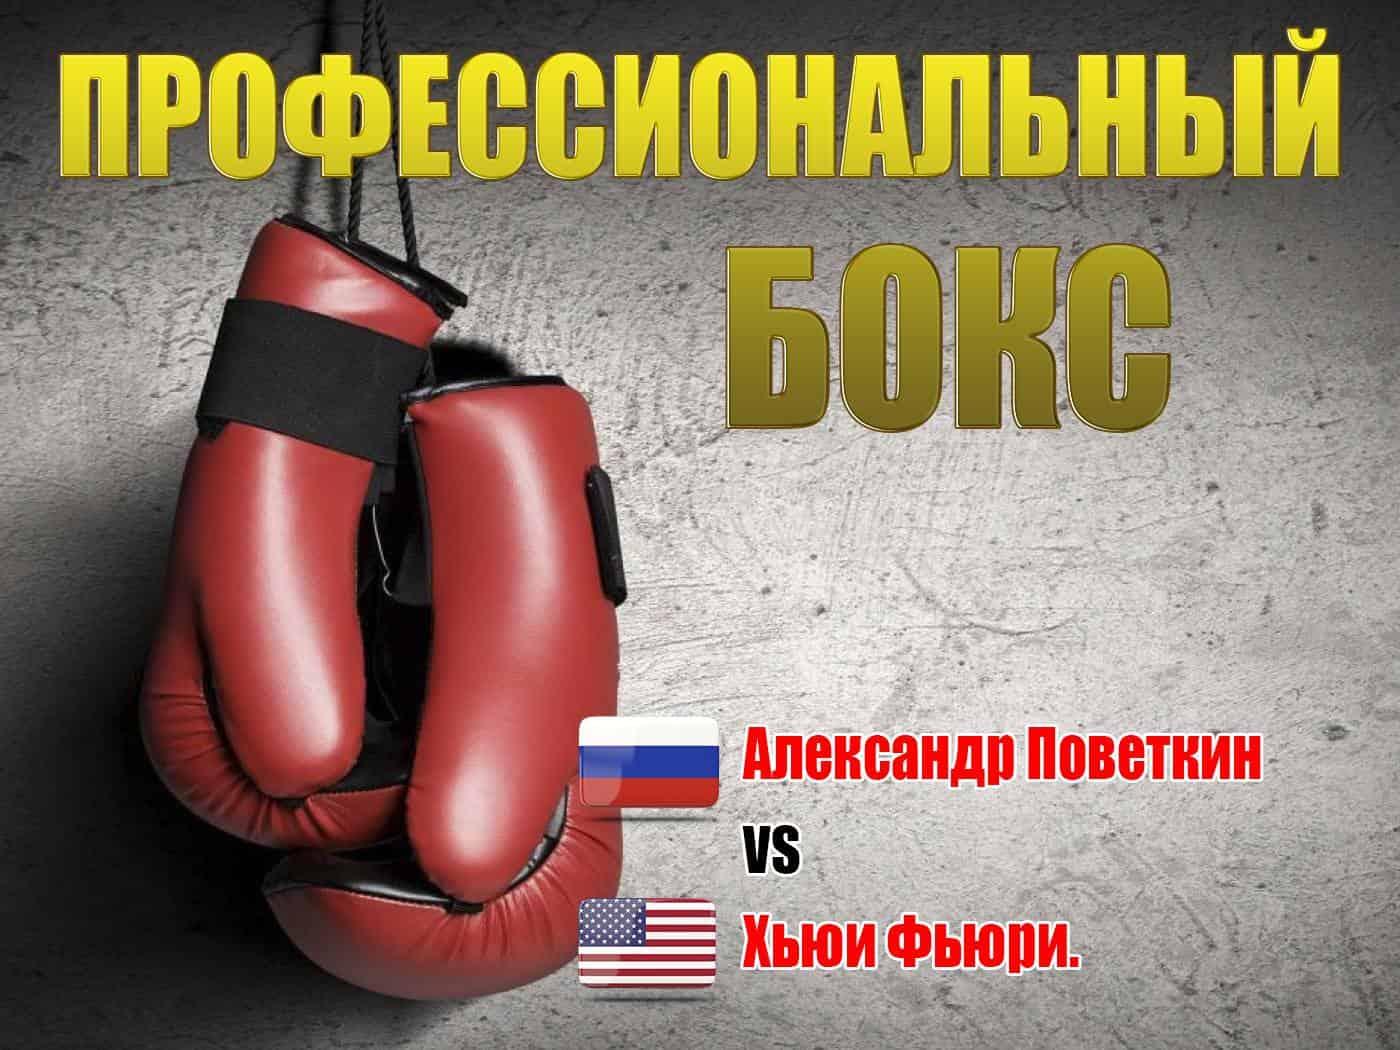 Профессиональный бокс Александр Поветкин против Хьюи Фьюри Трансляция из Великобритании в 17:20 на канале